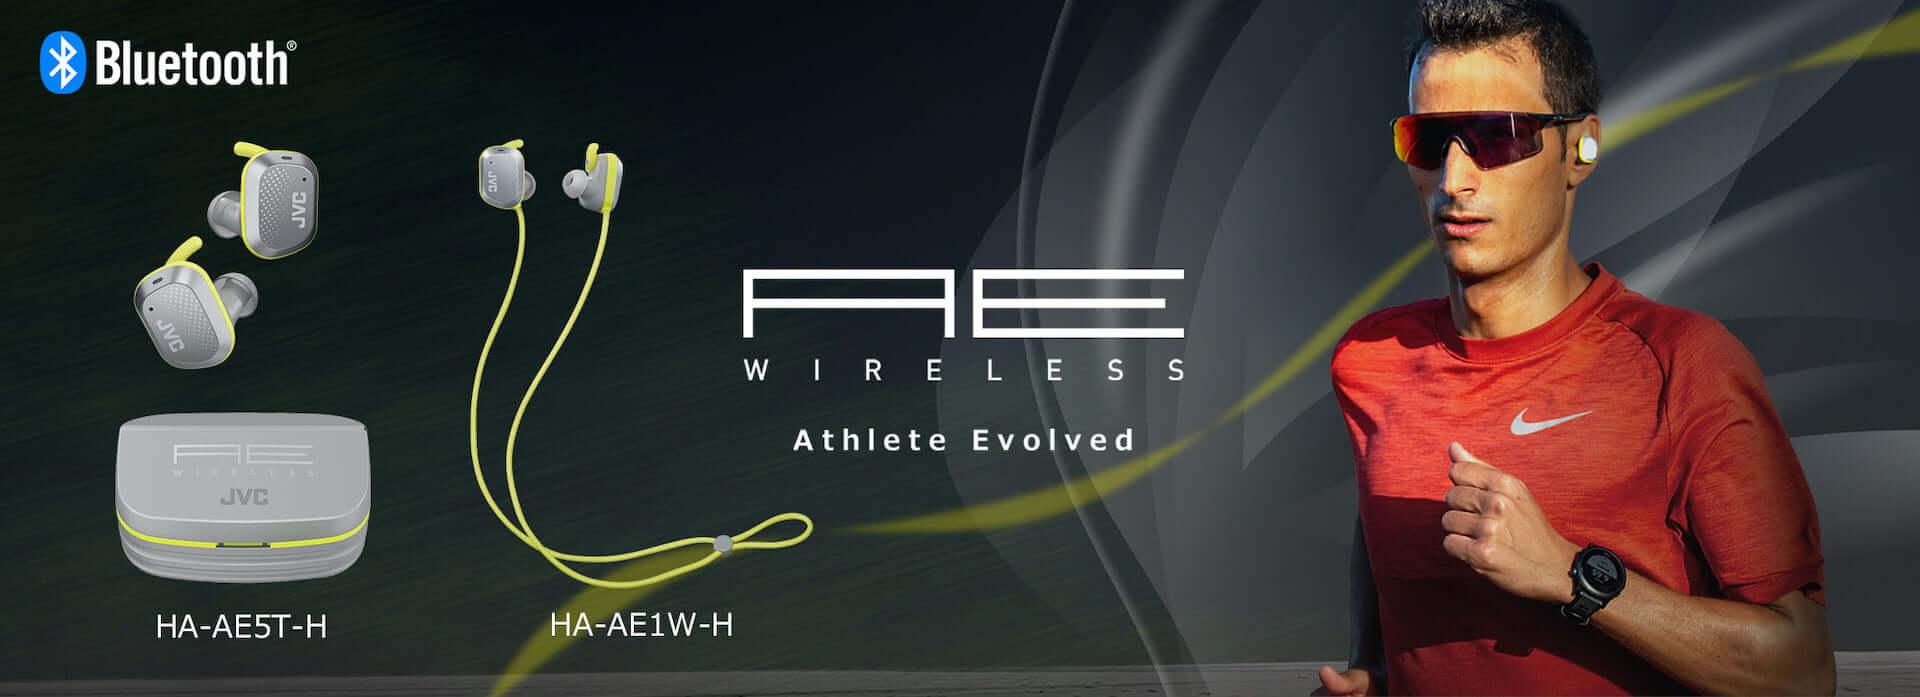 テレワークやランニングに最適のJVCワイヤレスイヤホン『HA-AE5T』『HA-AE1W』が登場! tech200519_jvckenwood_1-1920x697